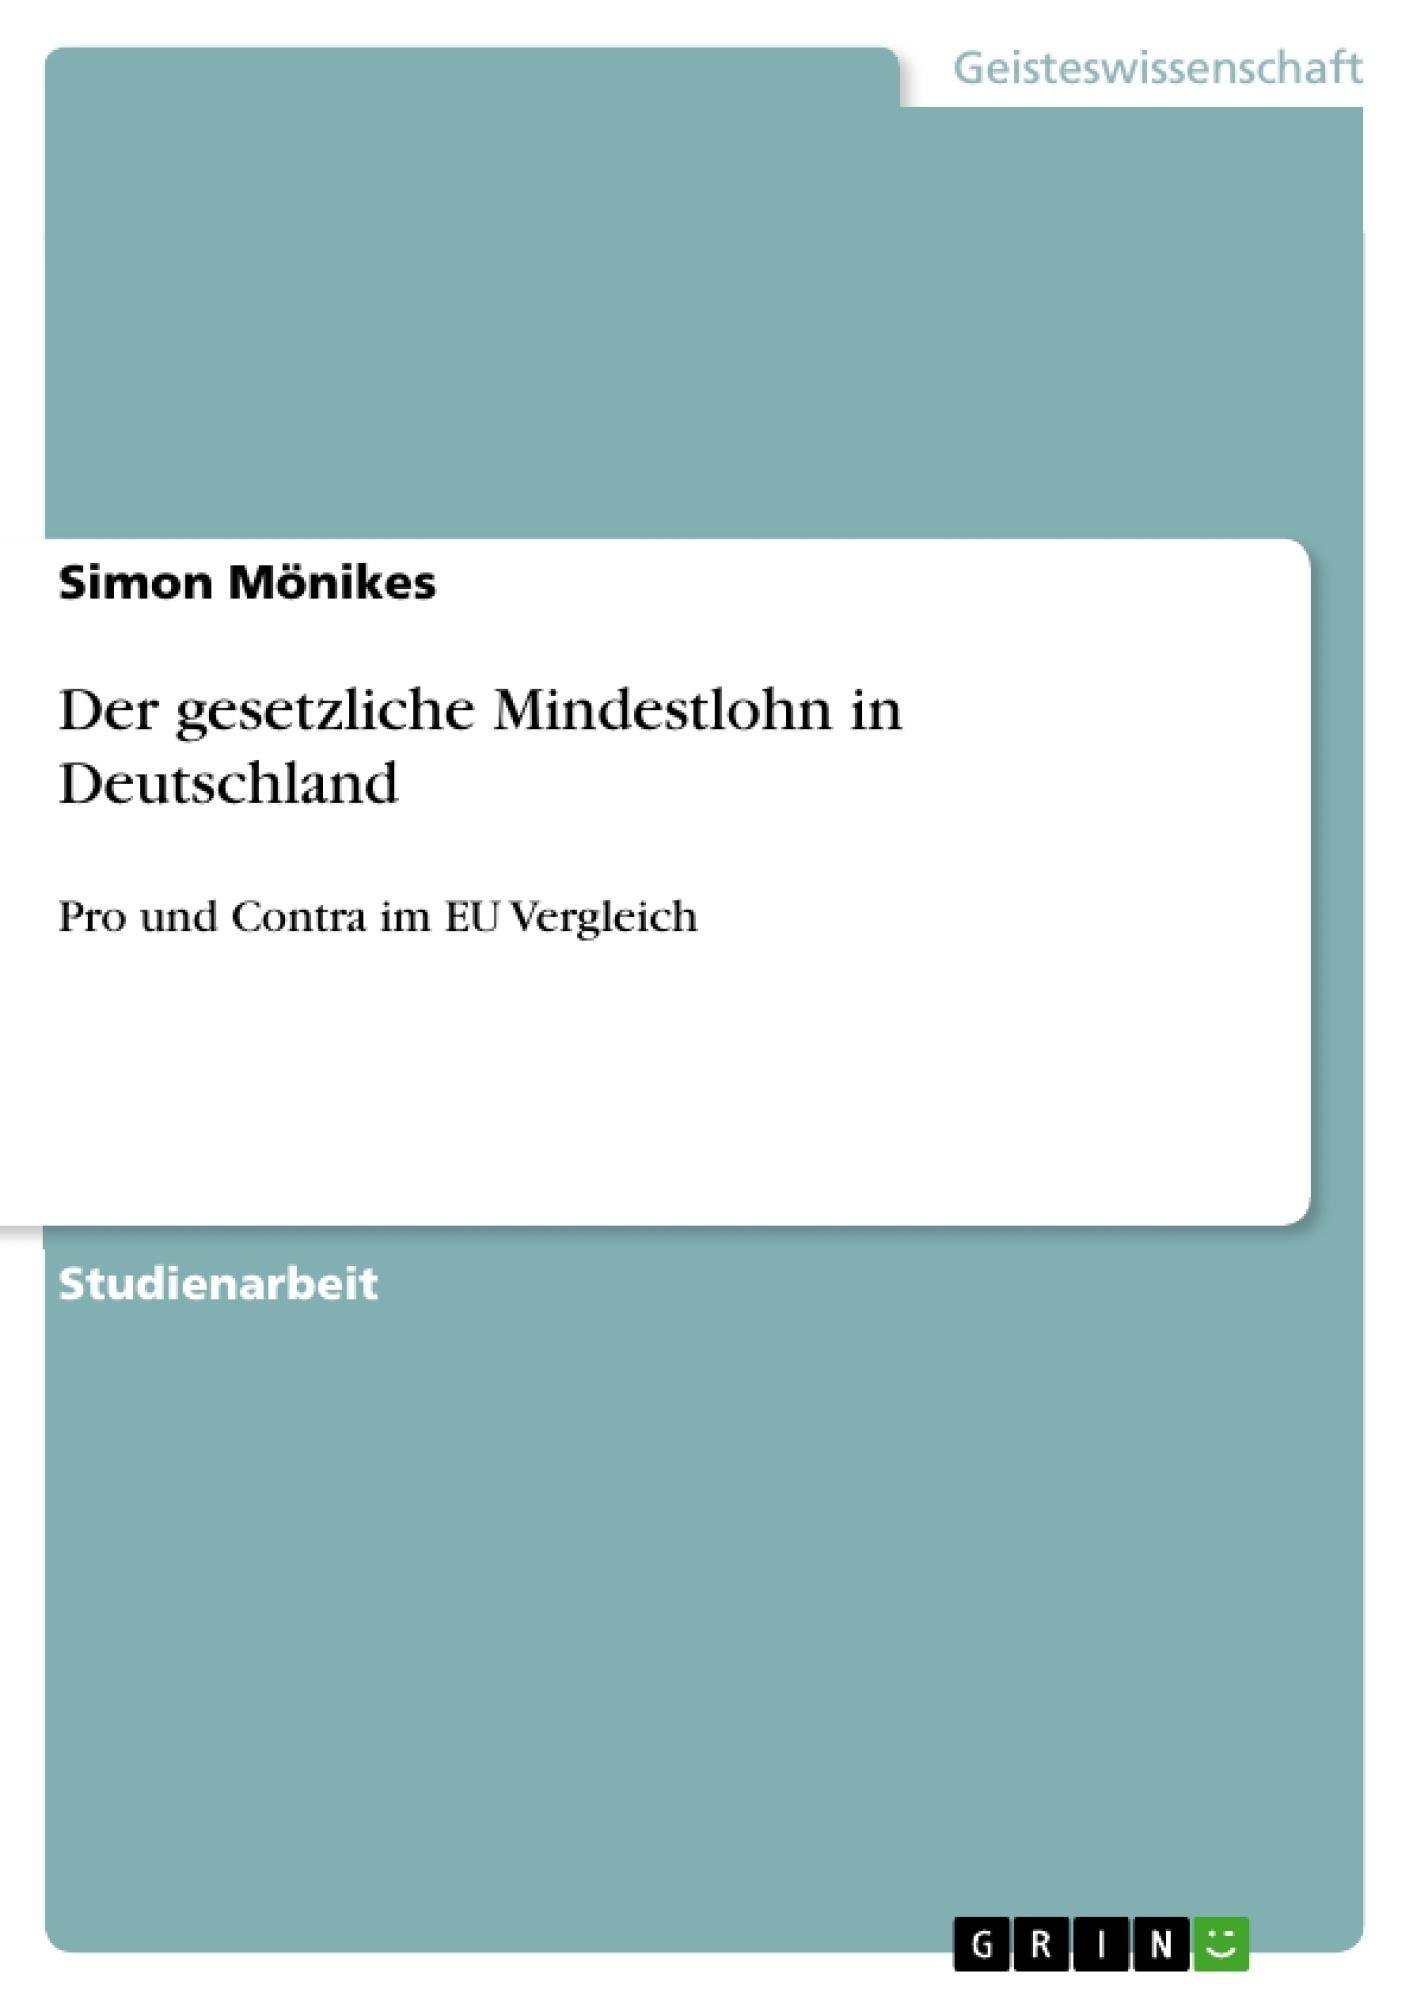 Titel: Der gesetzliche Mindestlohn in Deutschland